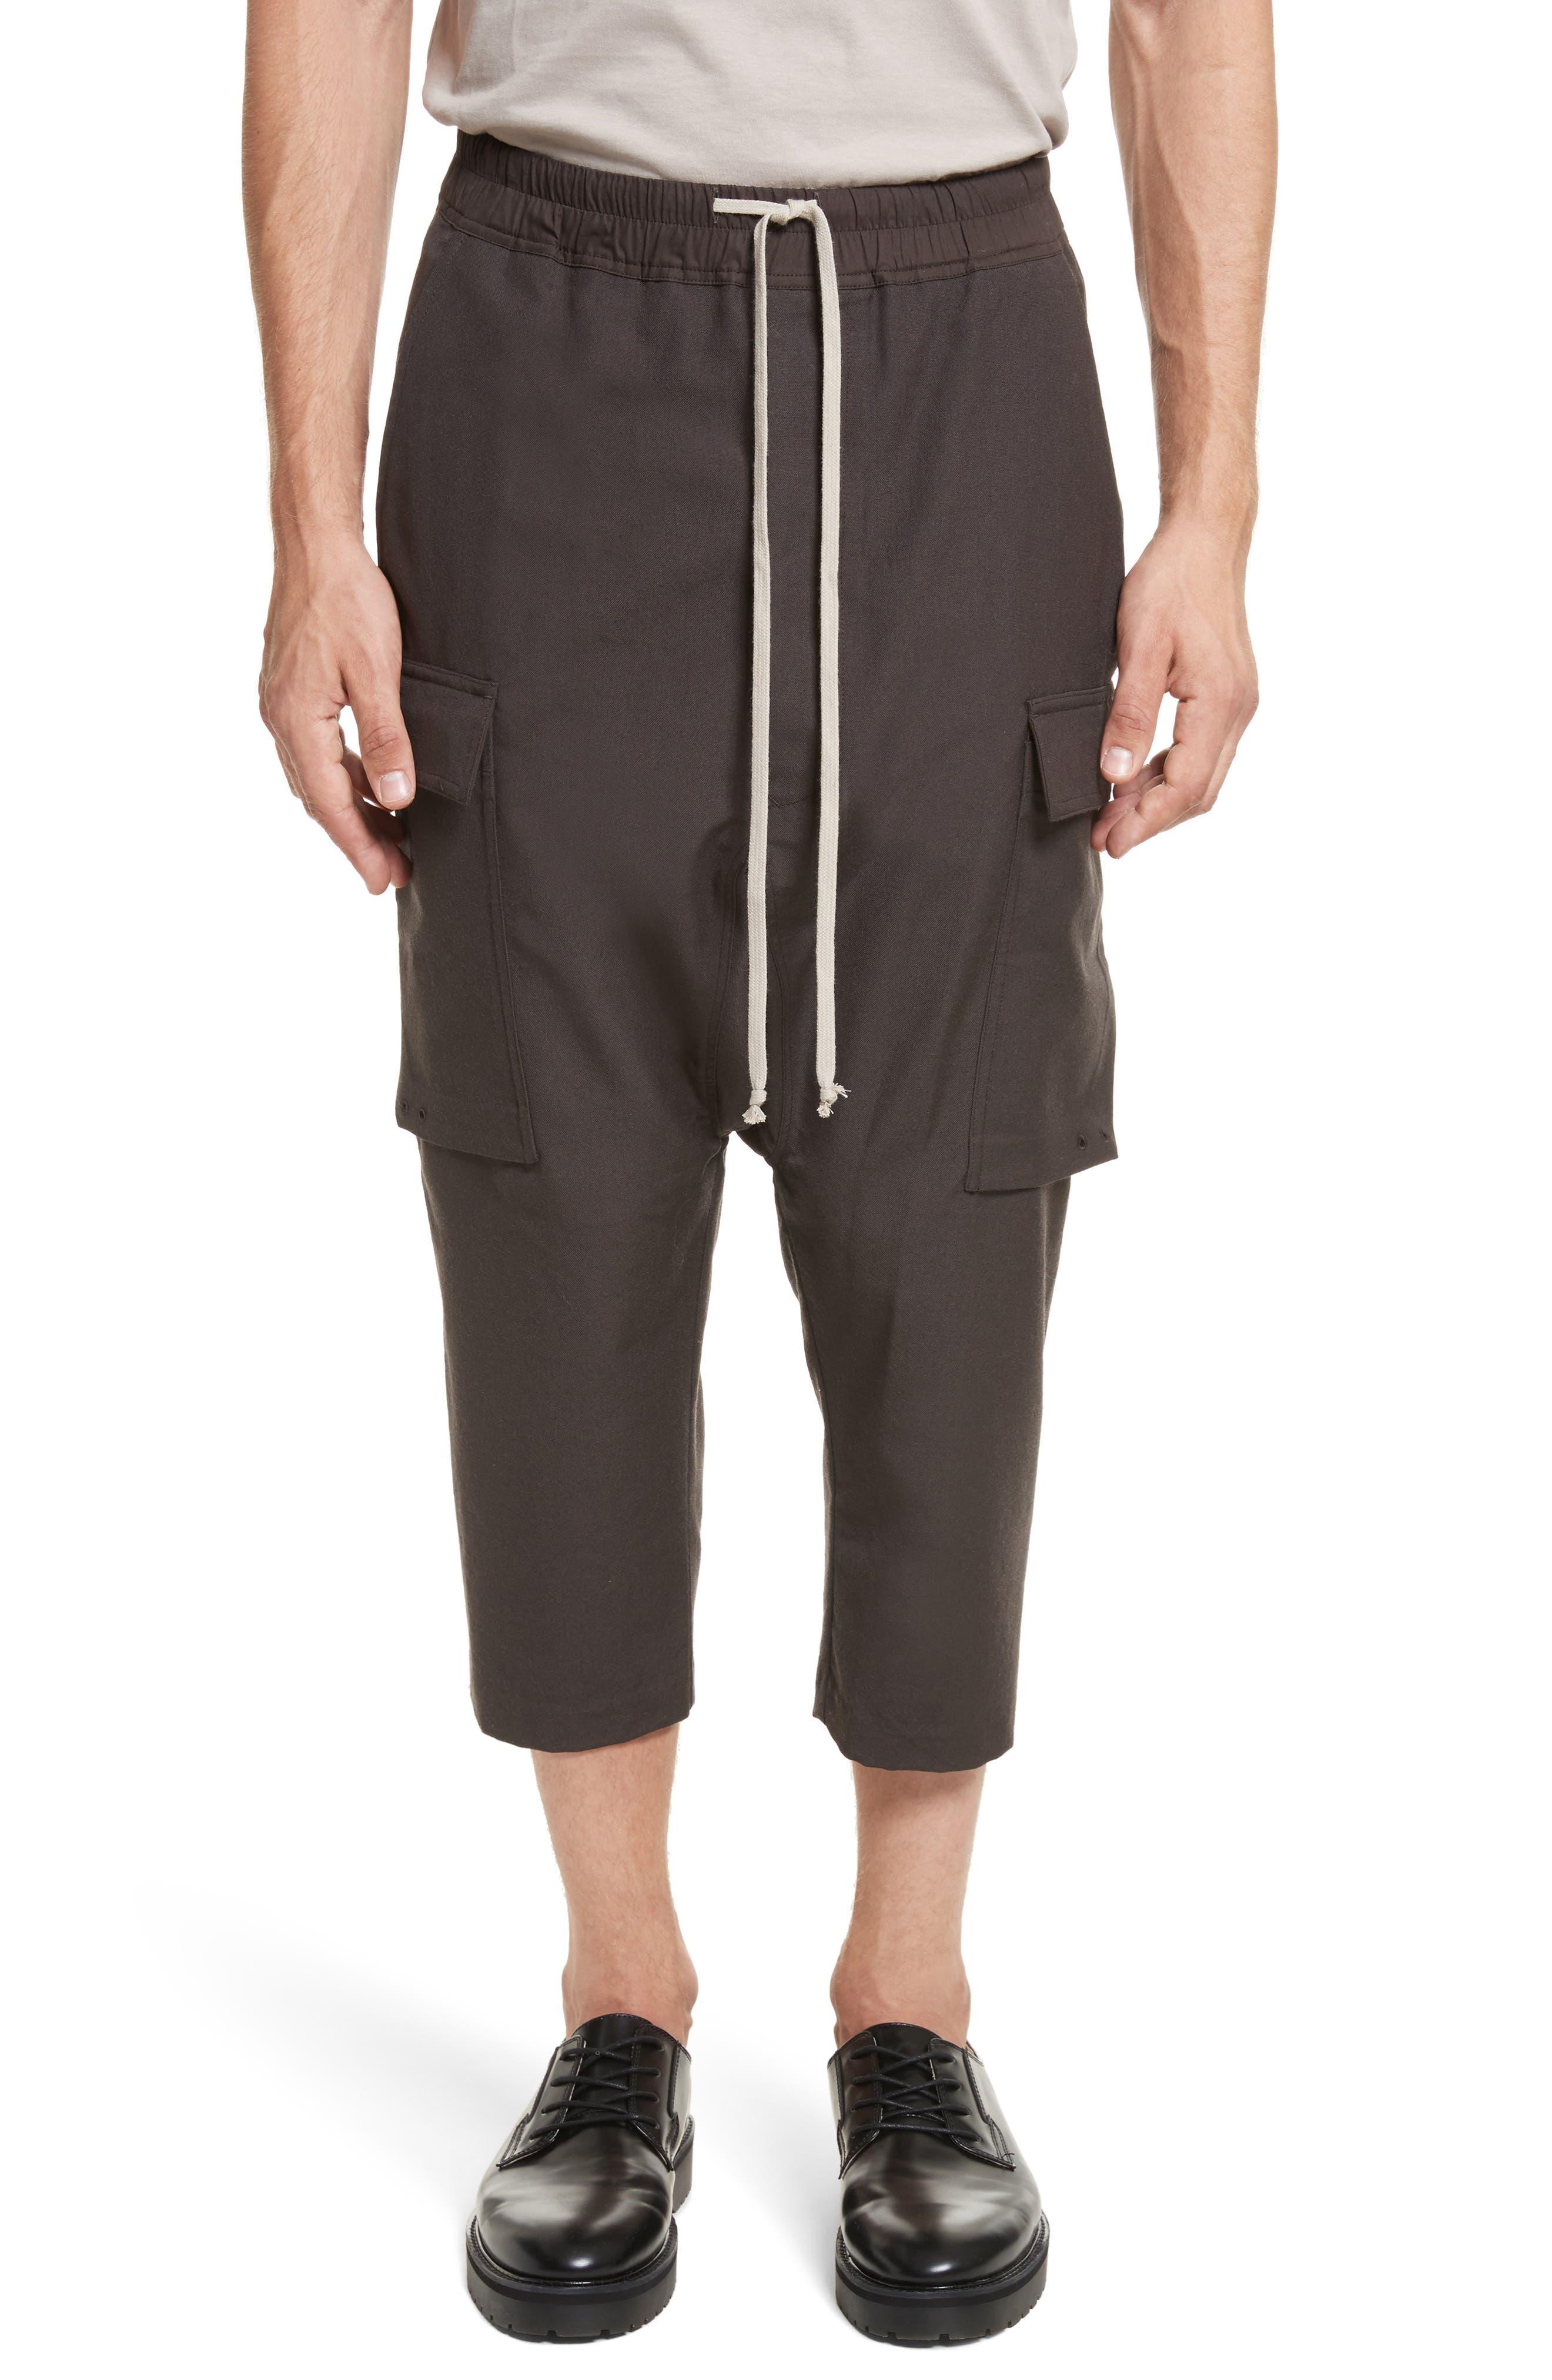 Cropped Drawstring Cargo Pants,                             Main thumbnail 1, color,                             Brown